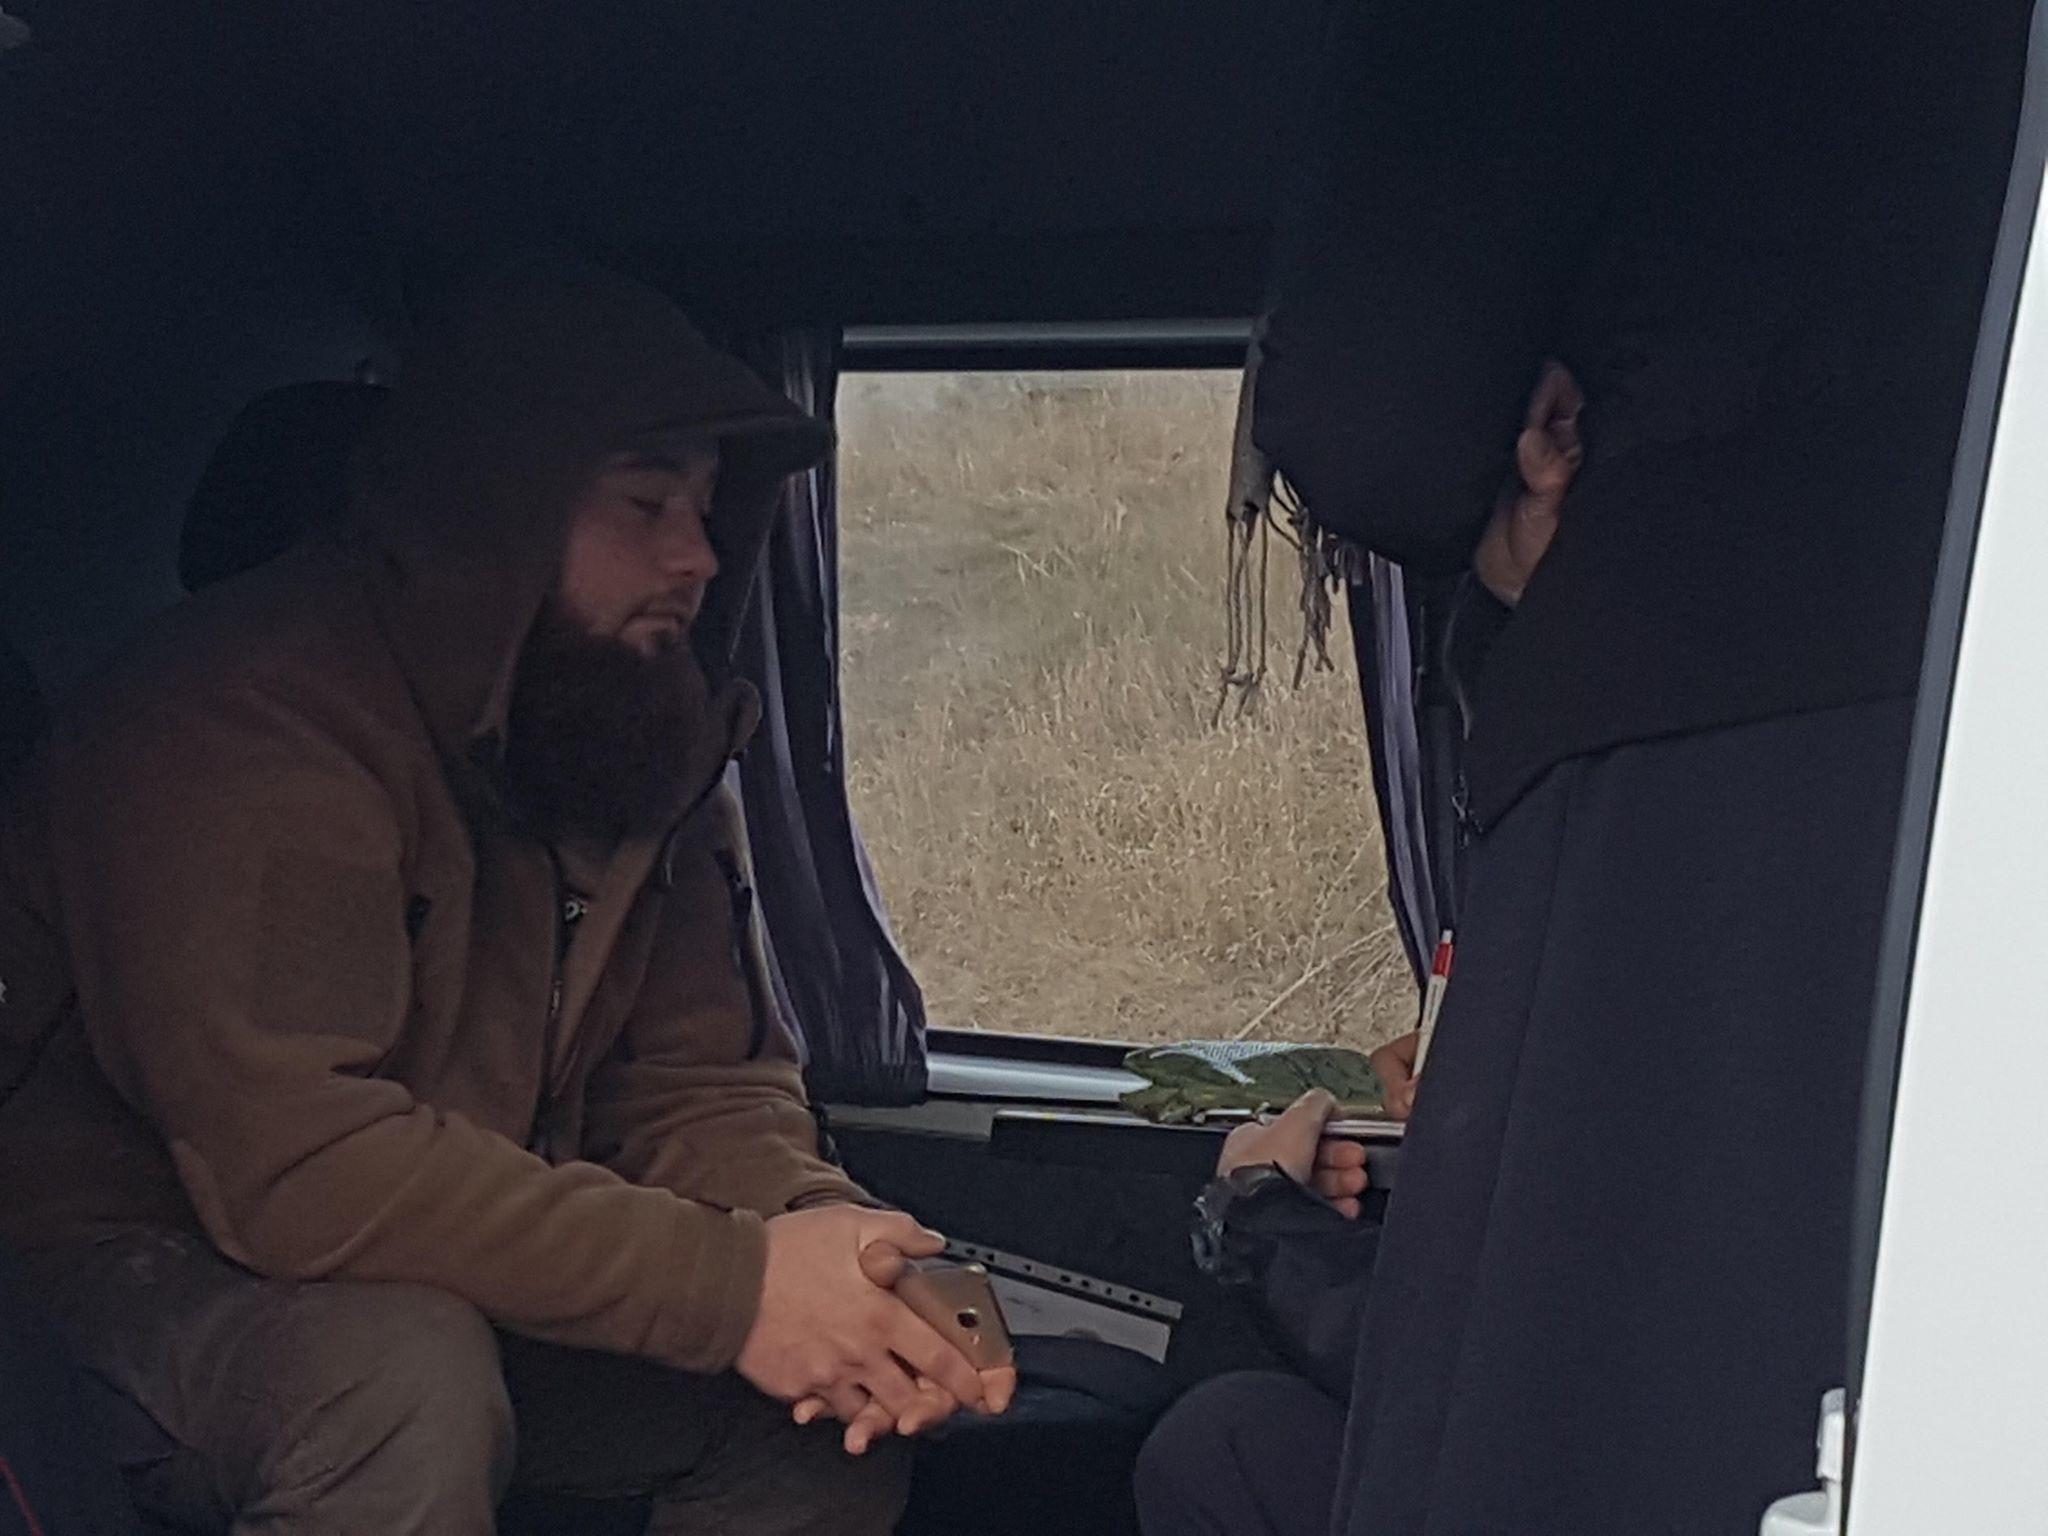 Крим, затримання, кримський татарин, активіст, Руслан Белялов_1